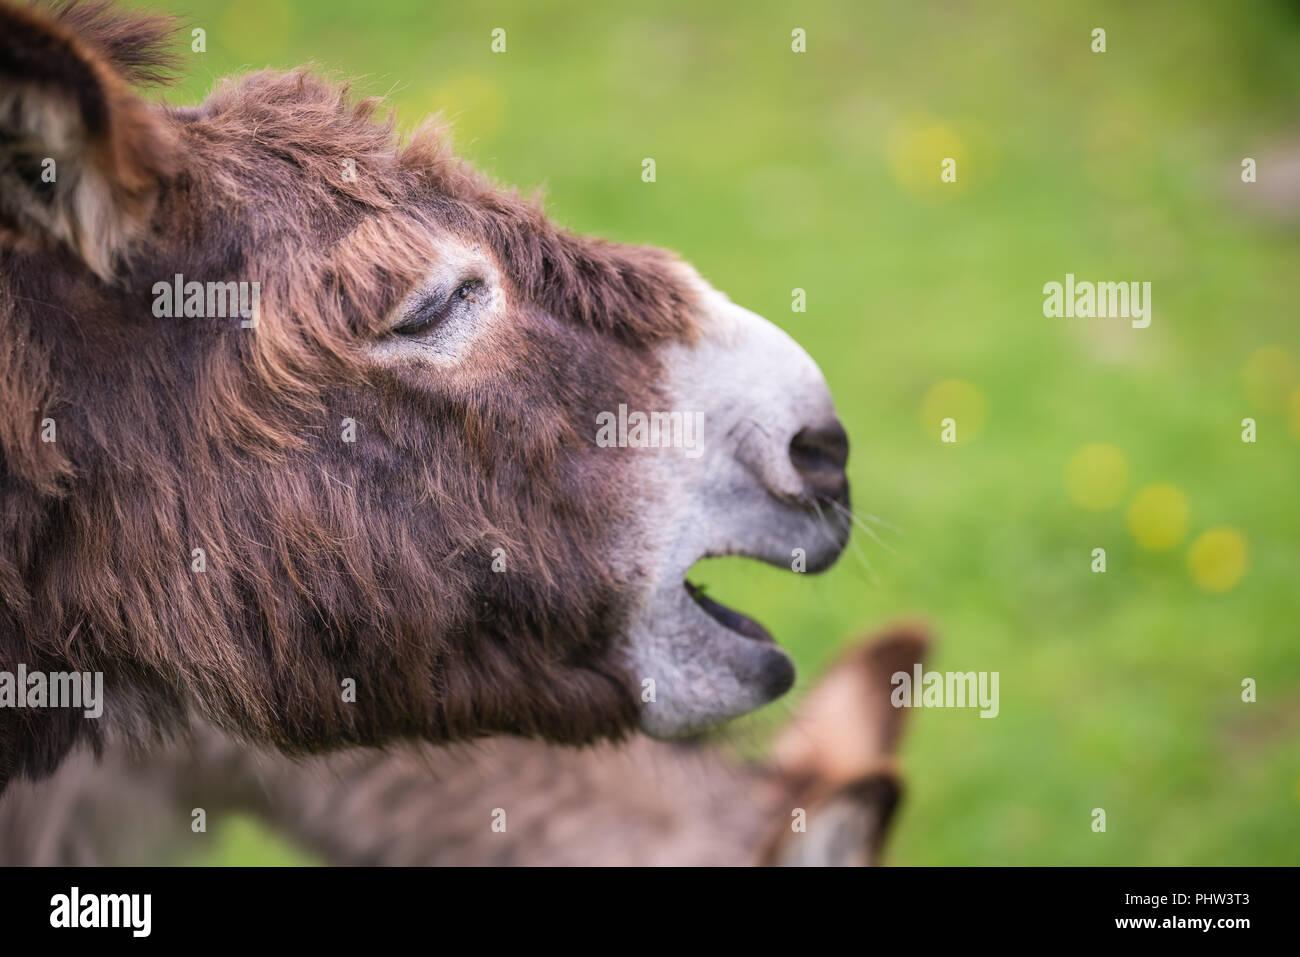 Large furry donkey shouting loudly - Stock Image